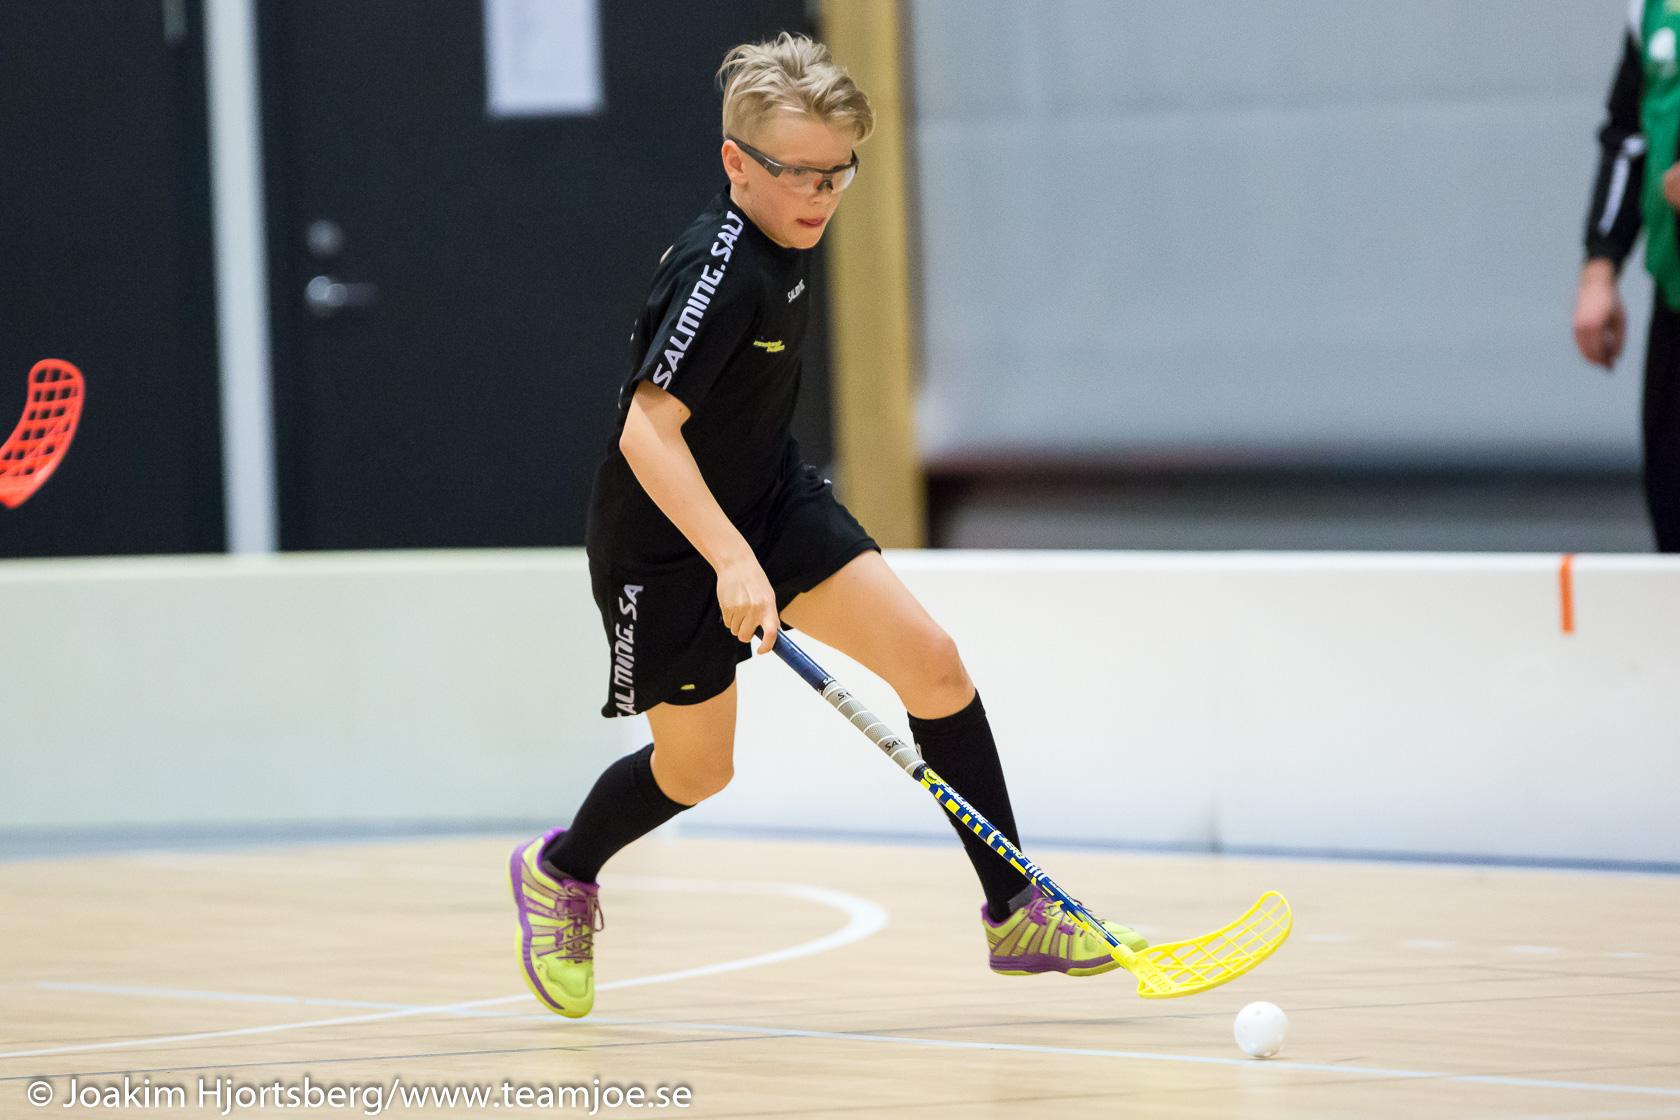 20160409_1951-8 Örebrocupen